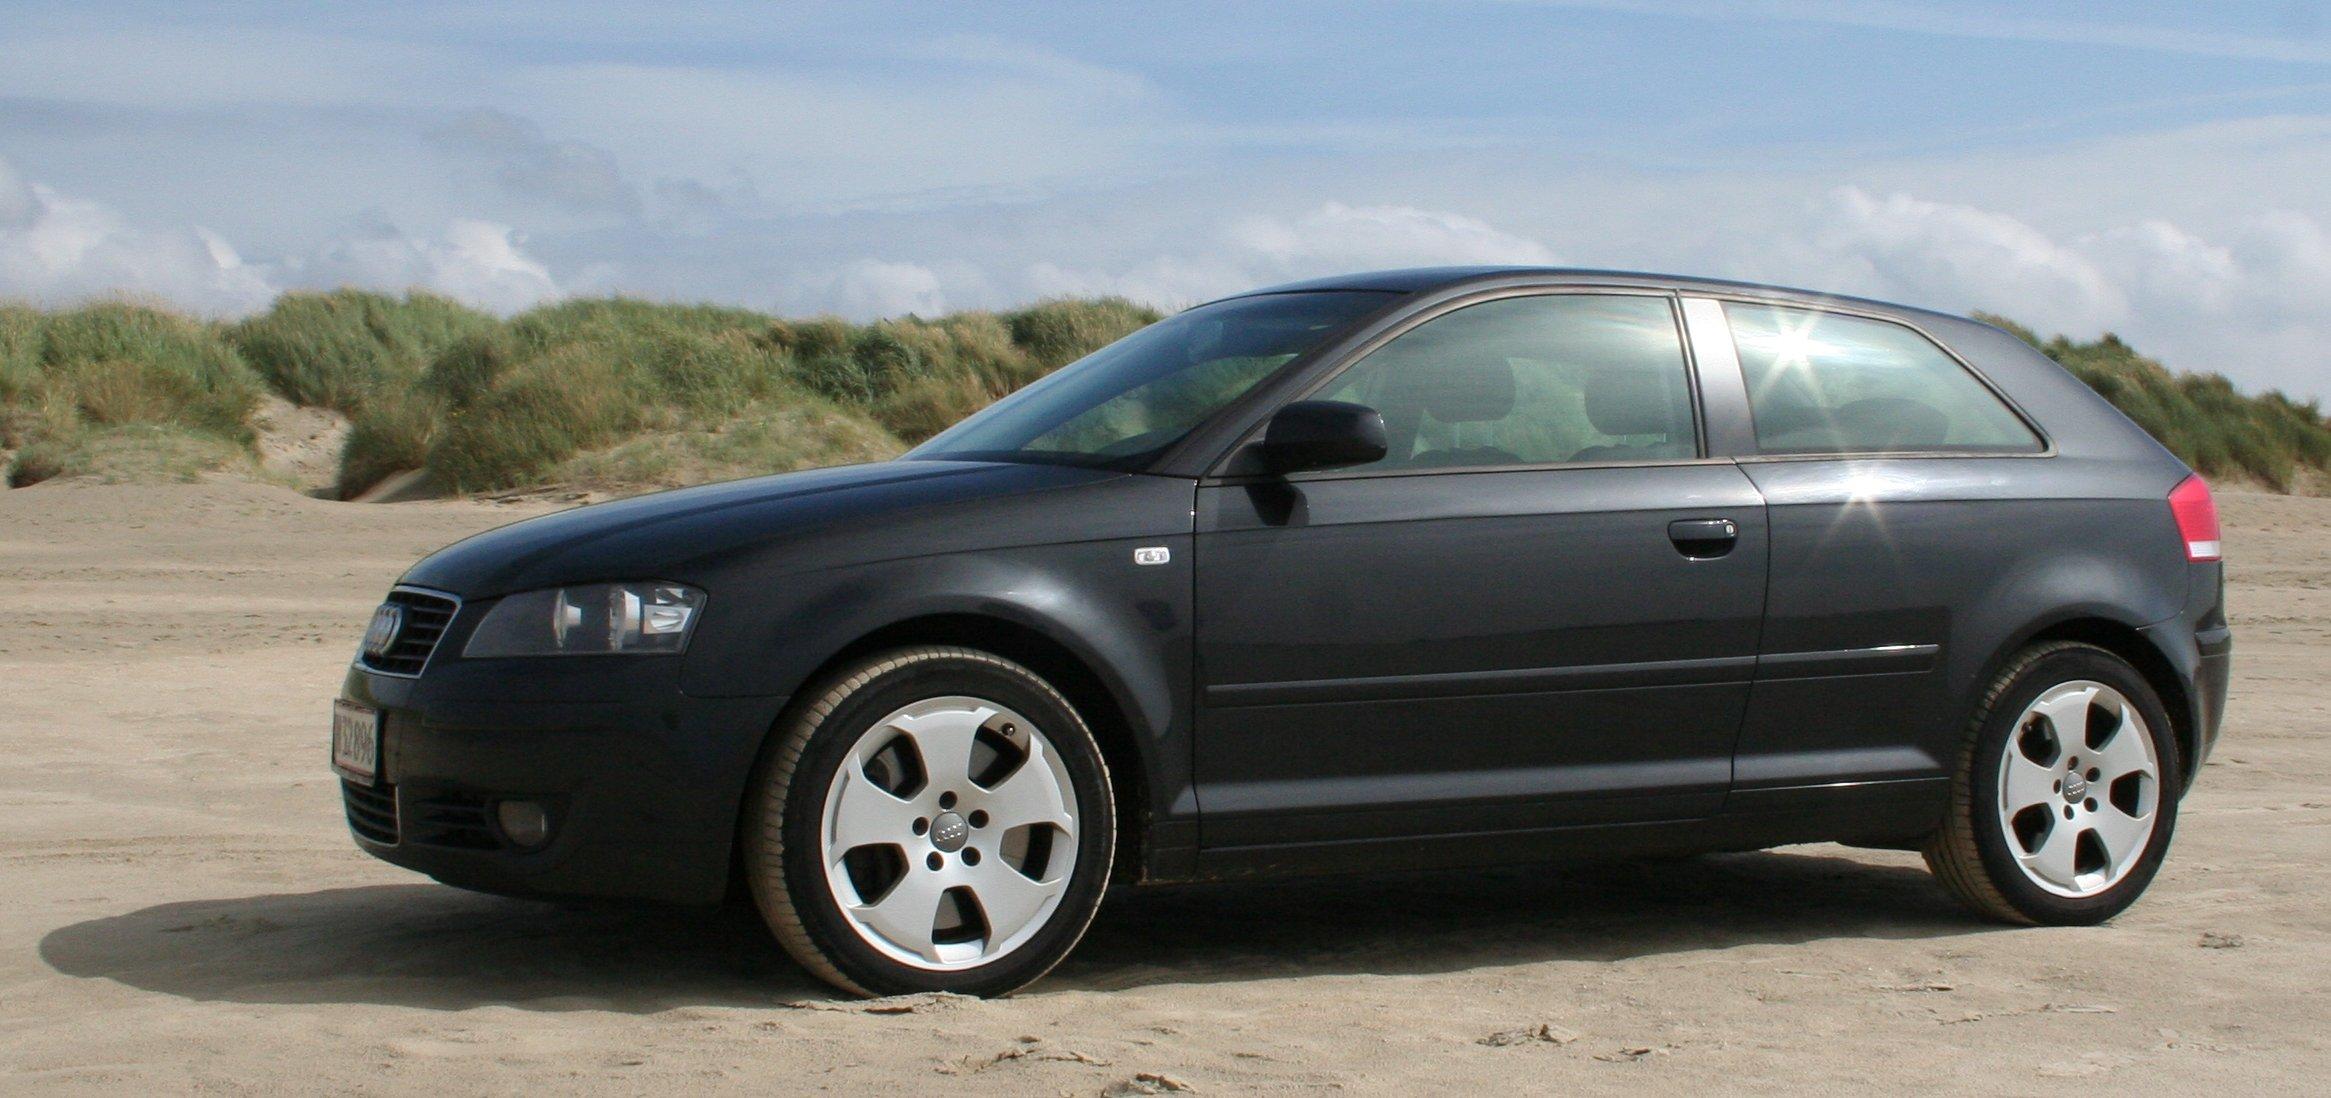 Audi A3 Norup De